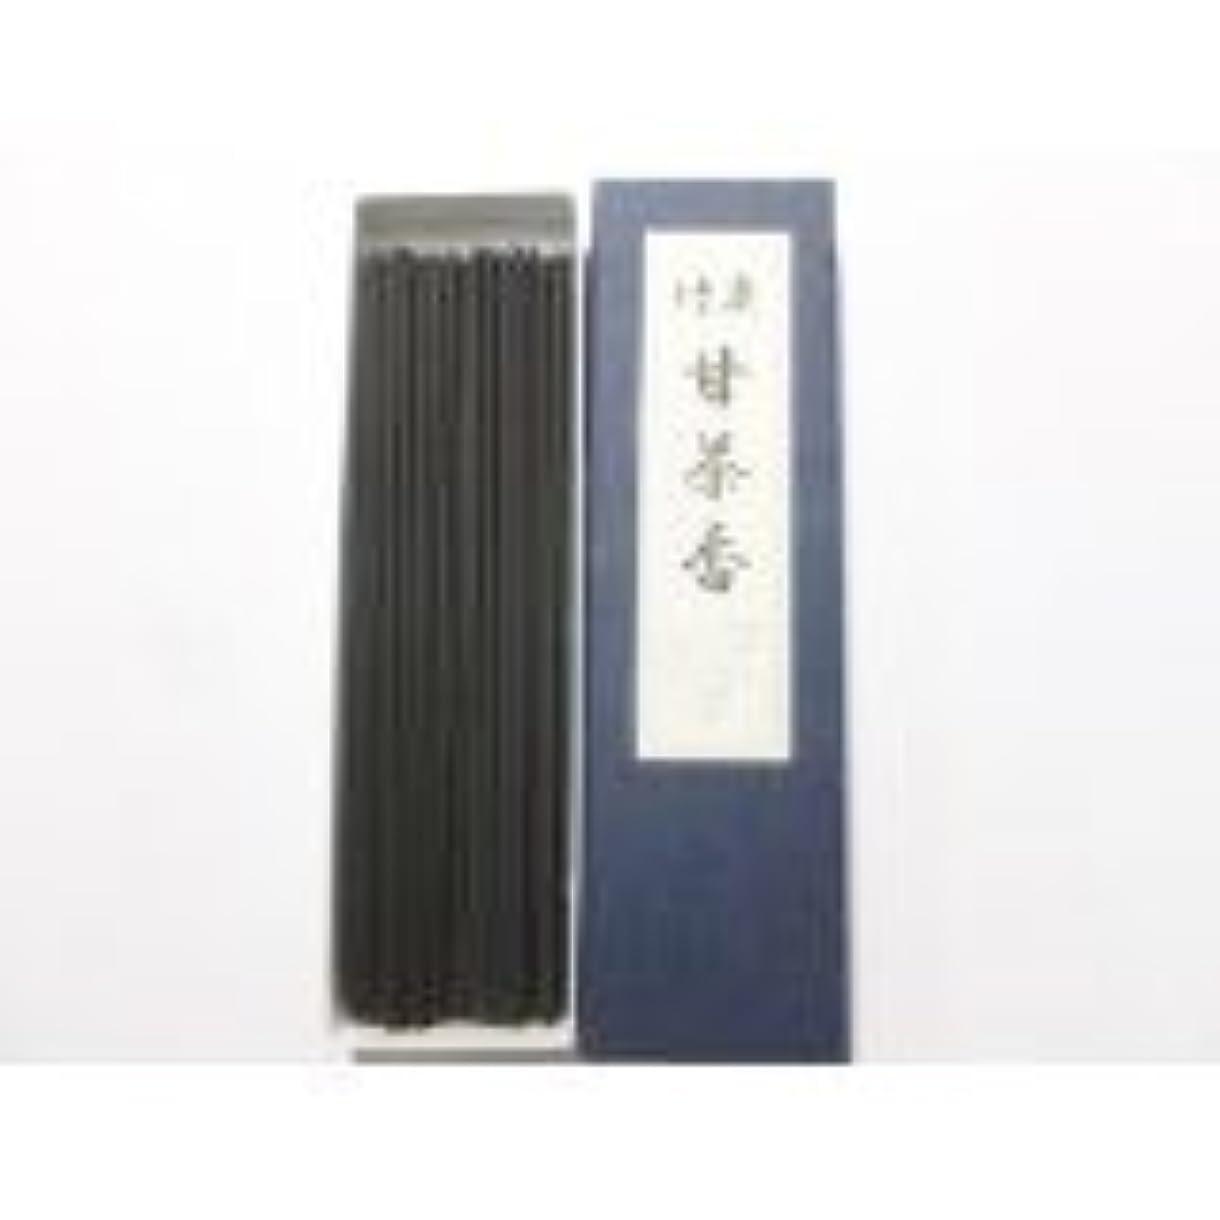 治療ピース顕著淡路梅薫堂の線香 竹炭甘茶香 18g #30 ×100